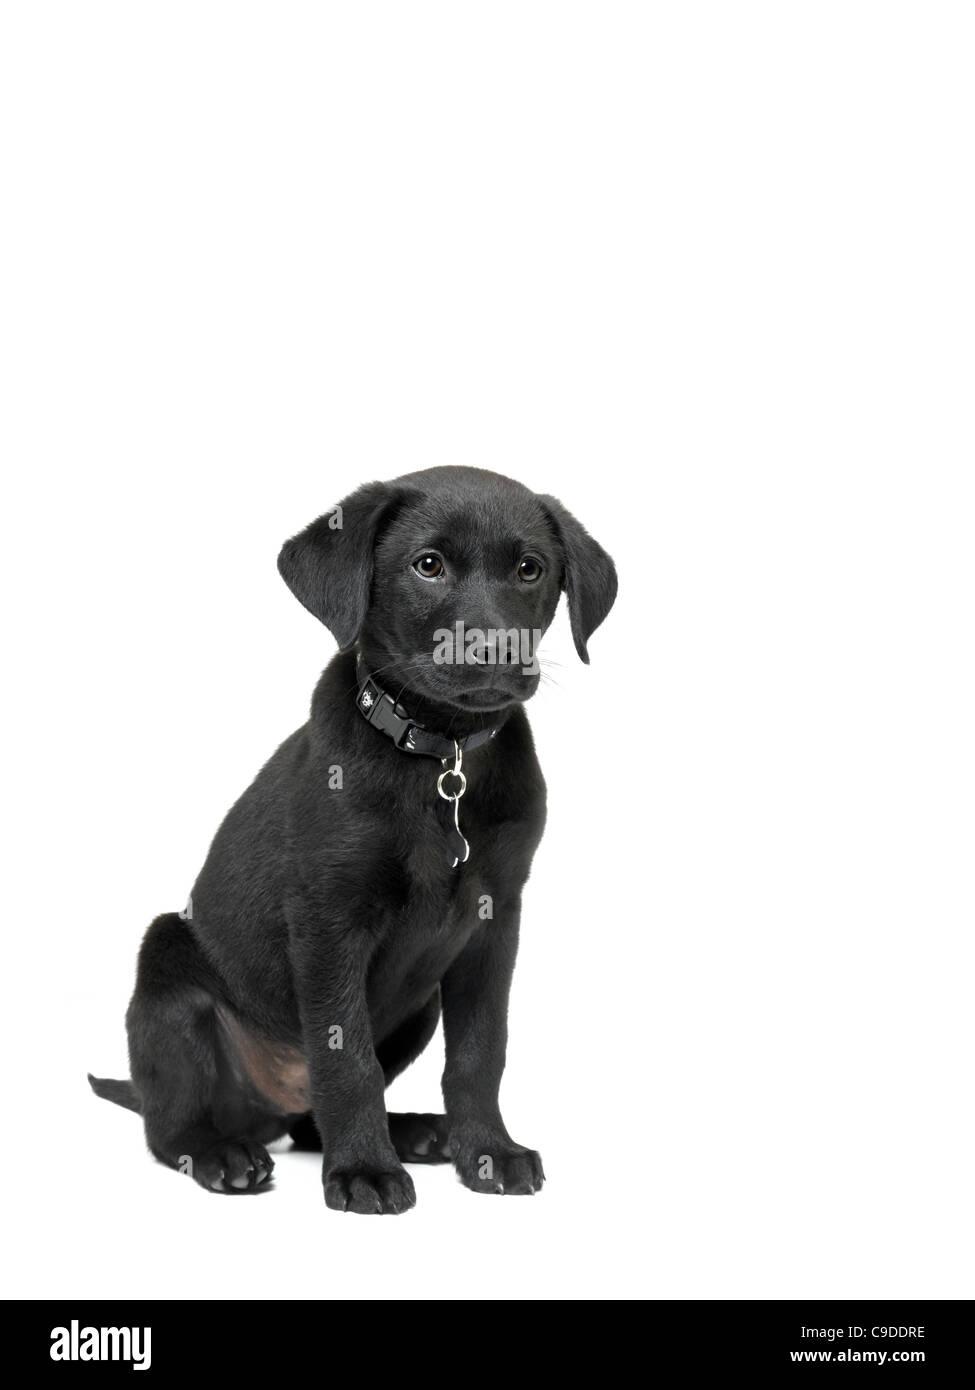 black labrador puppy - Stock Image